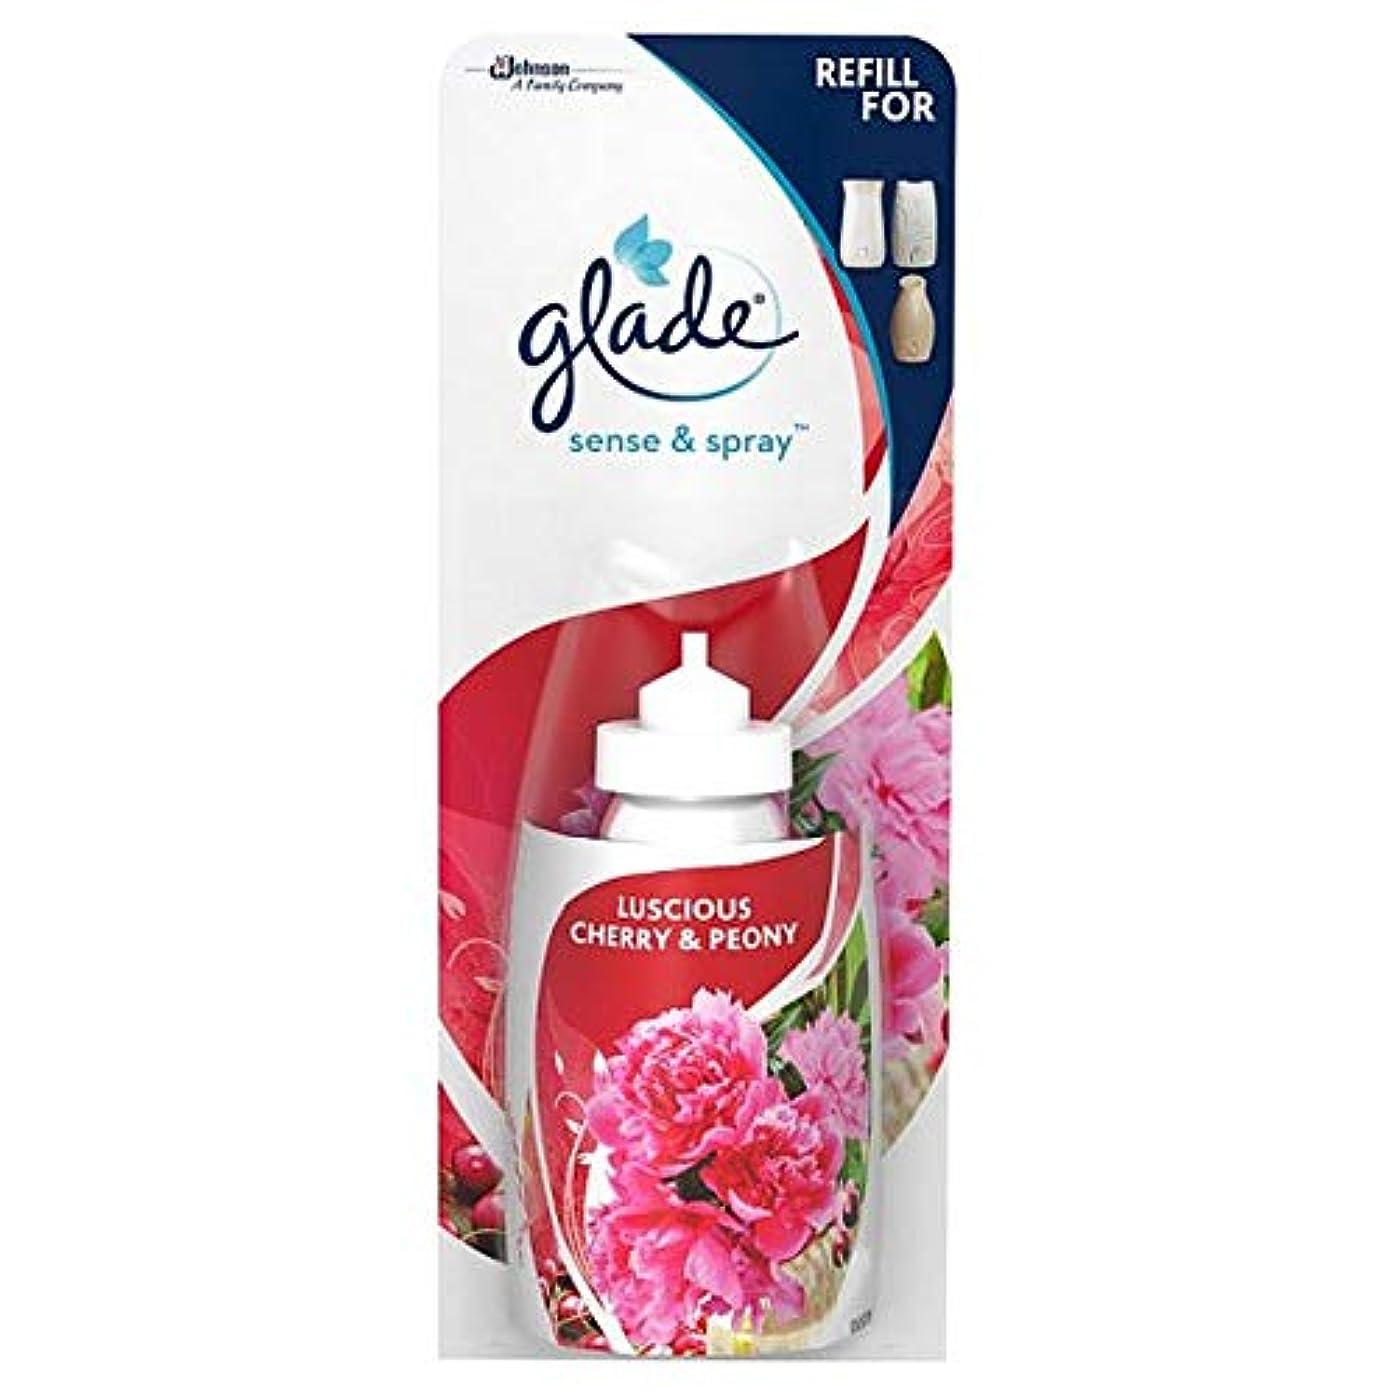 大きなスケールで見ると高い海上[Glade] 空き地感とリフィルスプレー牡丹&桜18ミリリットル - Glade Sense And Spray Refill Peony& Cherry 18Ml [並行輸入品]